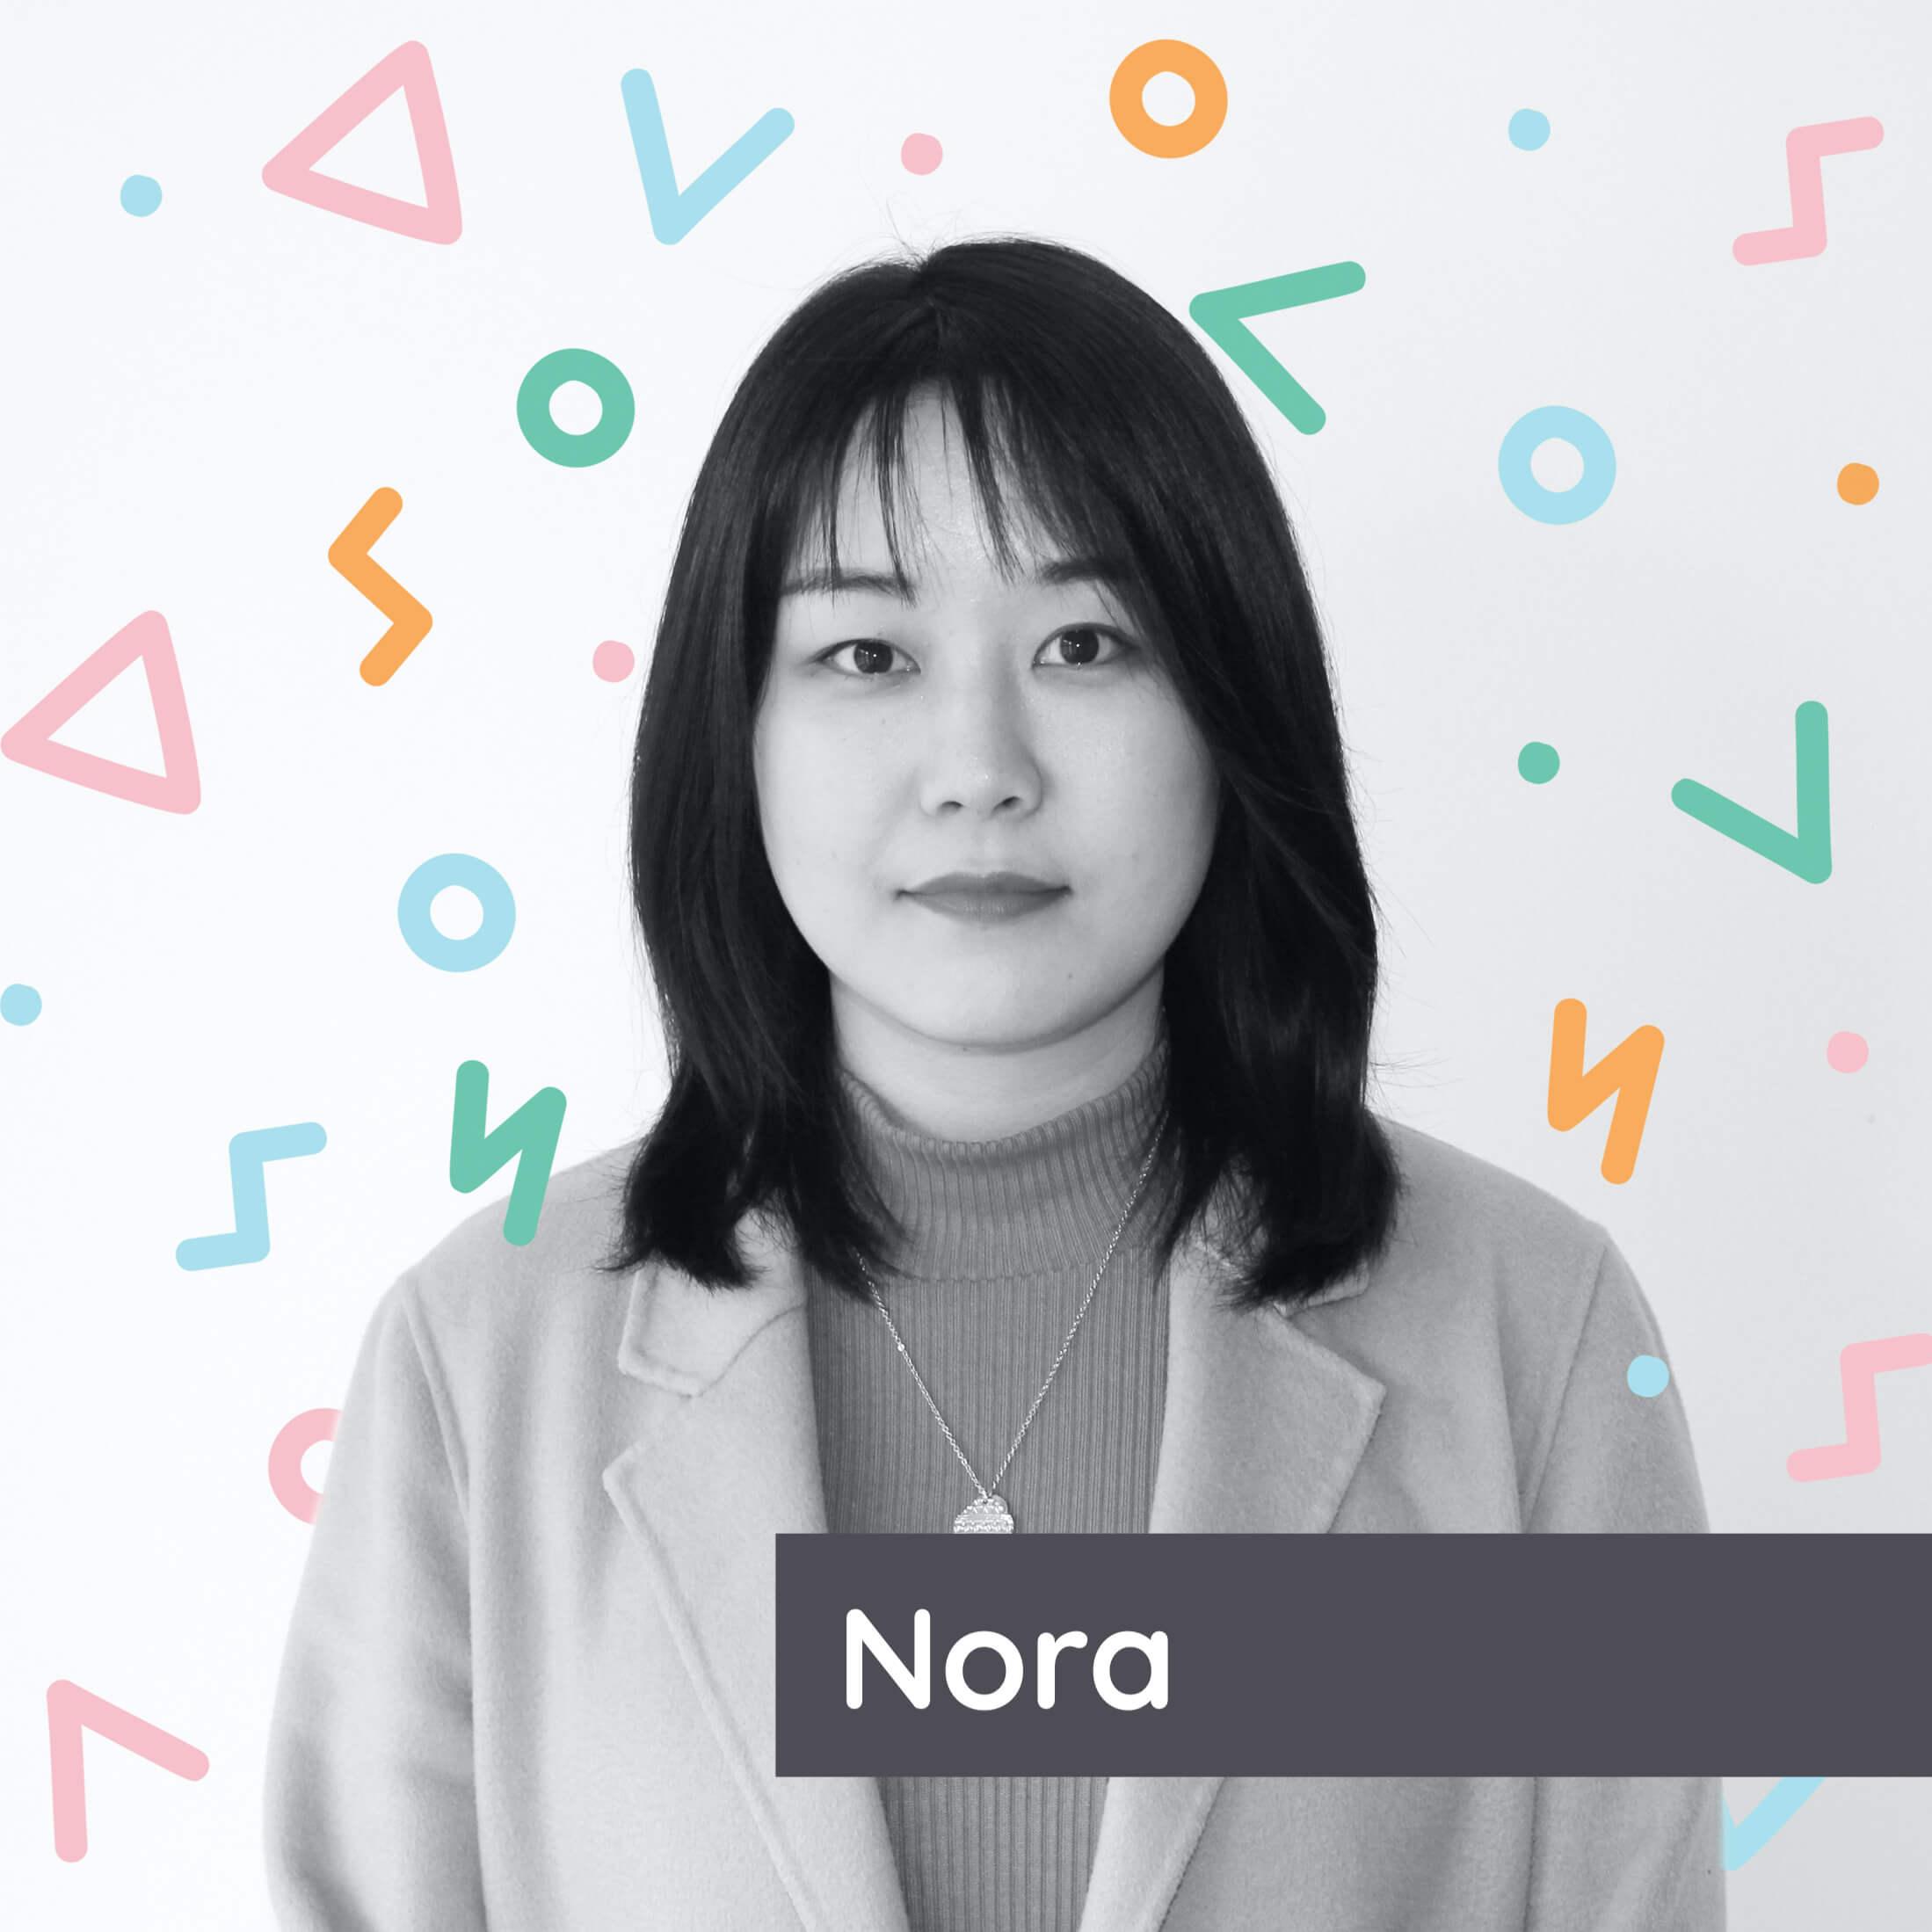 nora_LGC